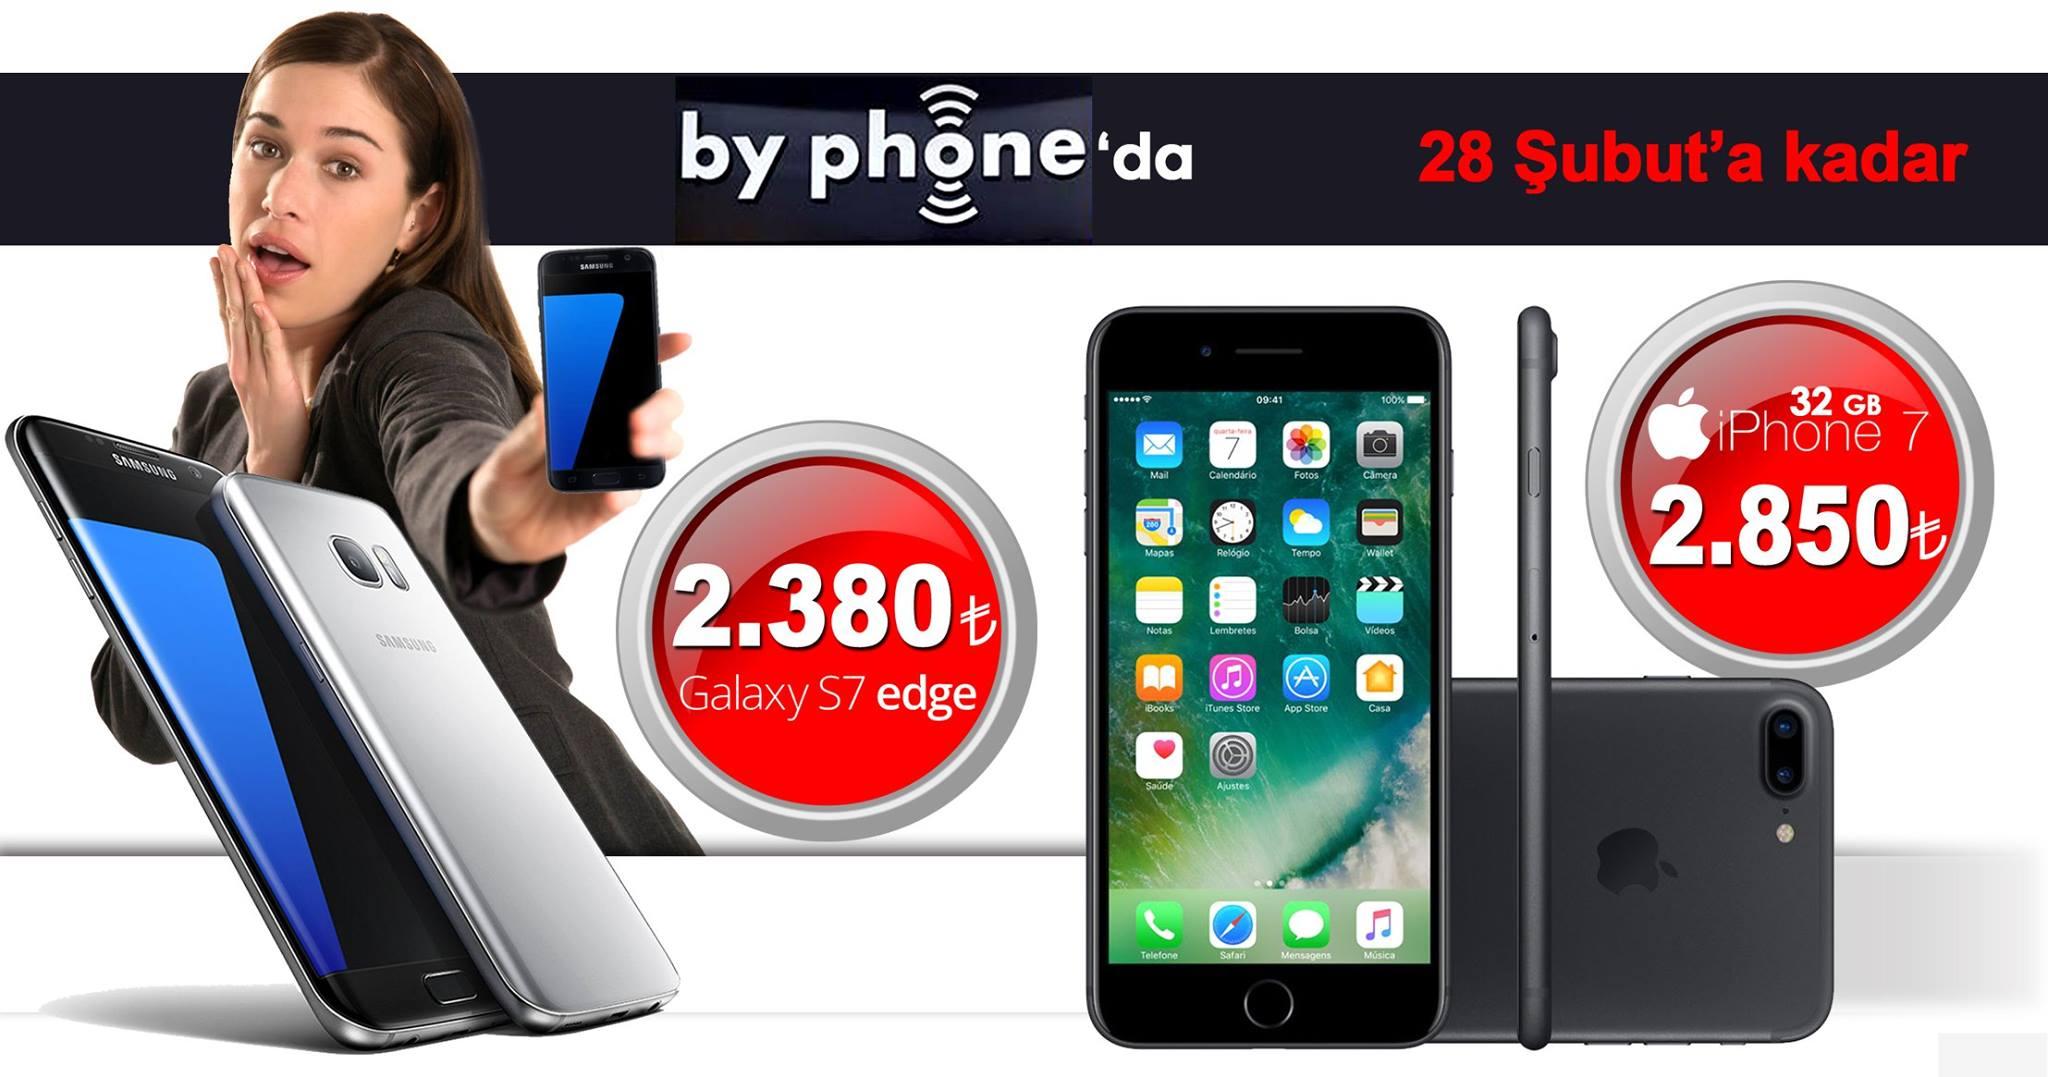 By Phone Sunar Samsung Galaxy S7 Edge ve iPhone 6s Plus'ı Karşılaştırdık Sizin ki Hangisi?